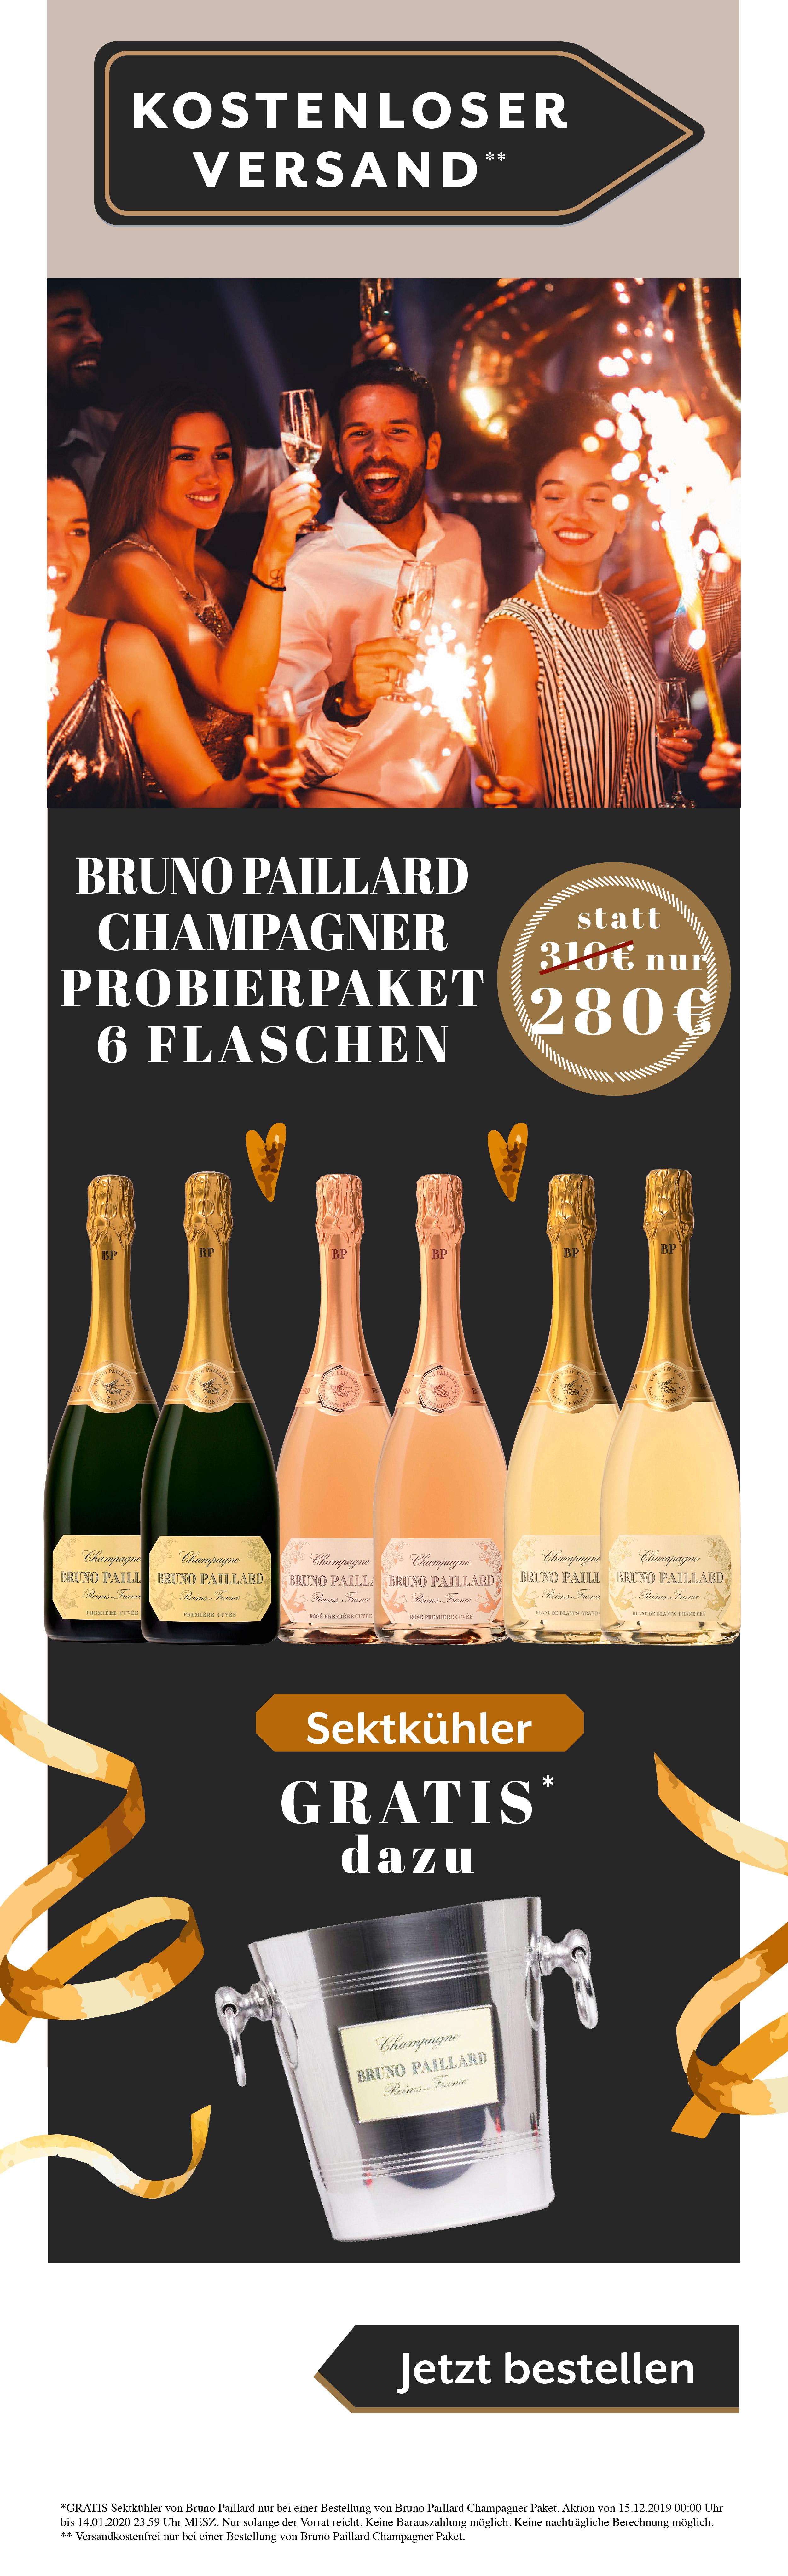 Bruno Paillard Champagner Silvester Weihnachten Weihnachtsgeschenk